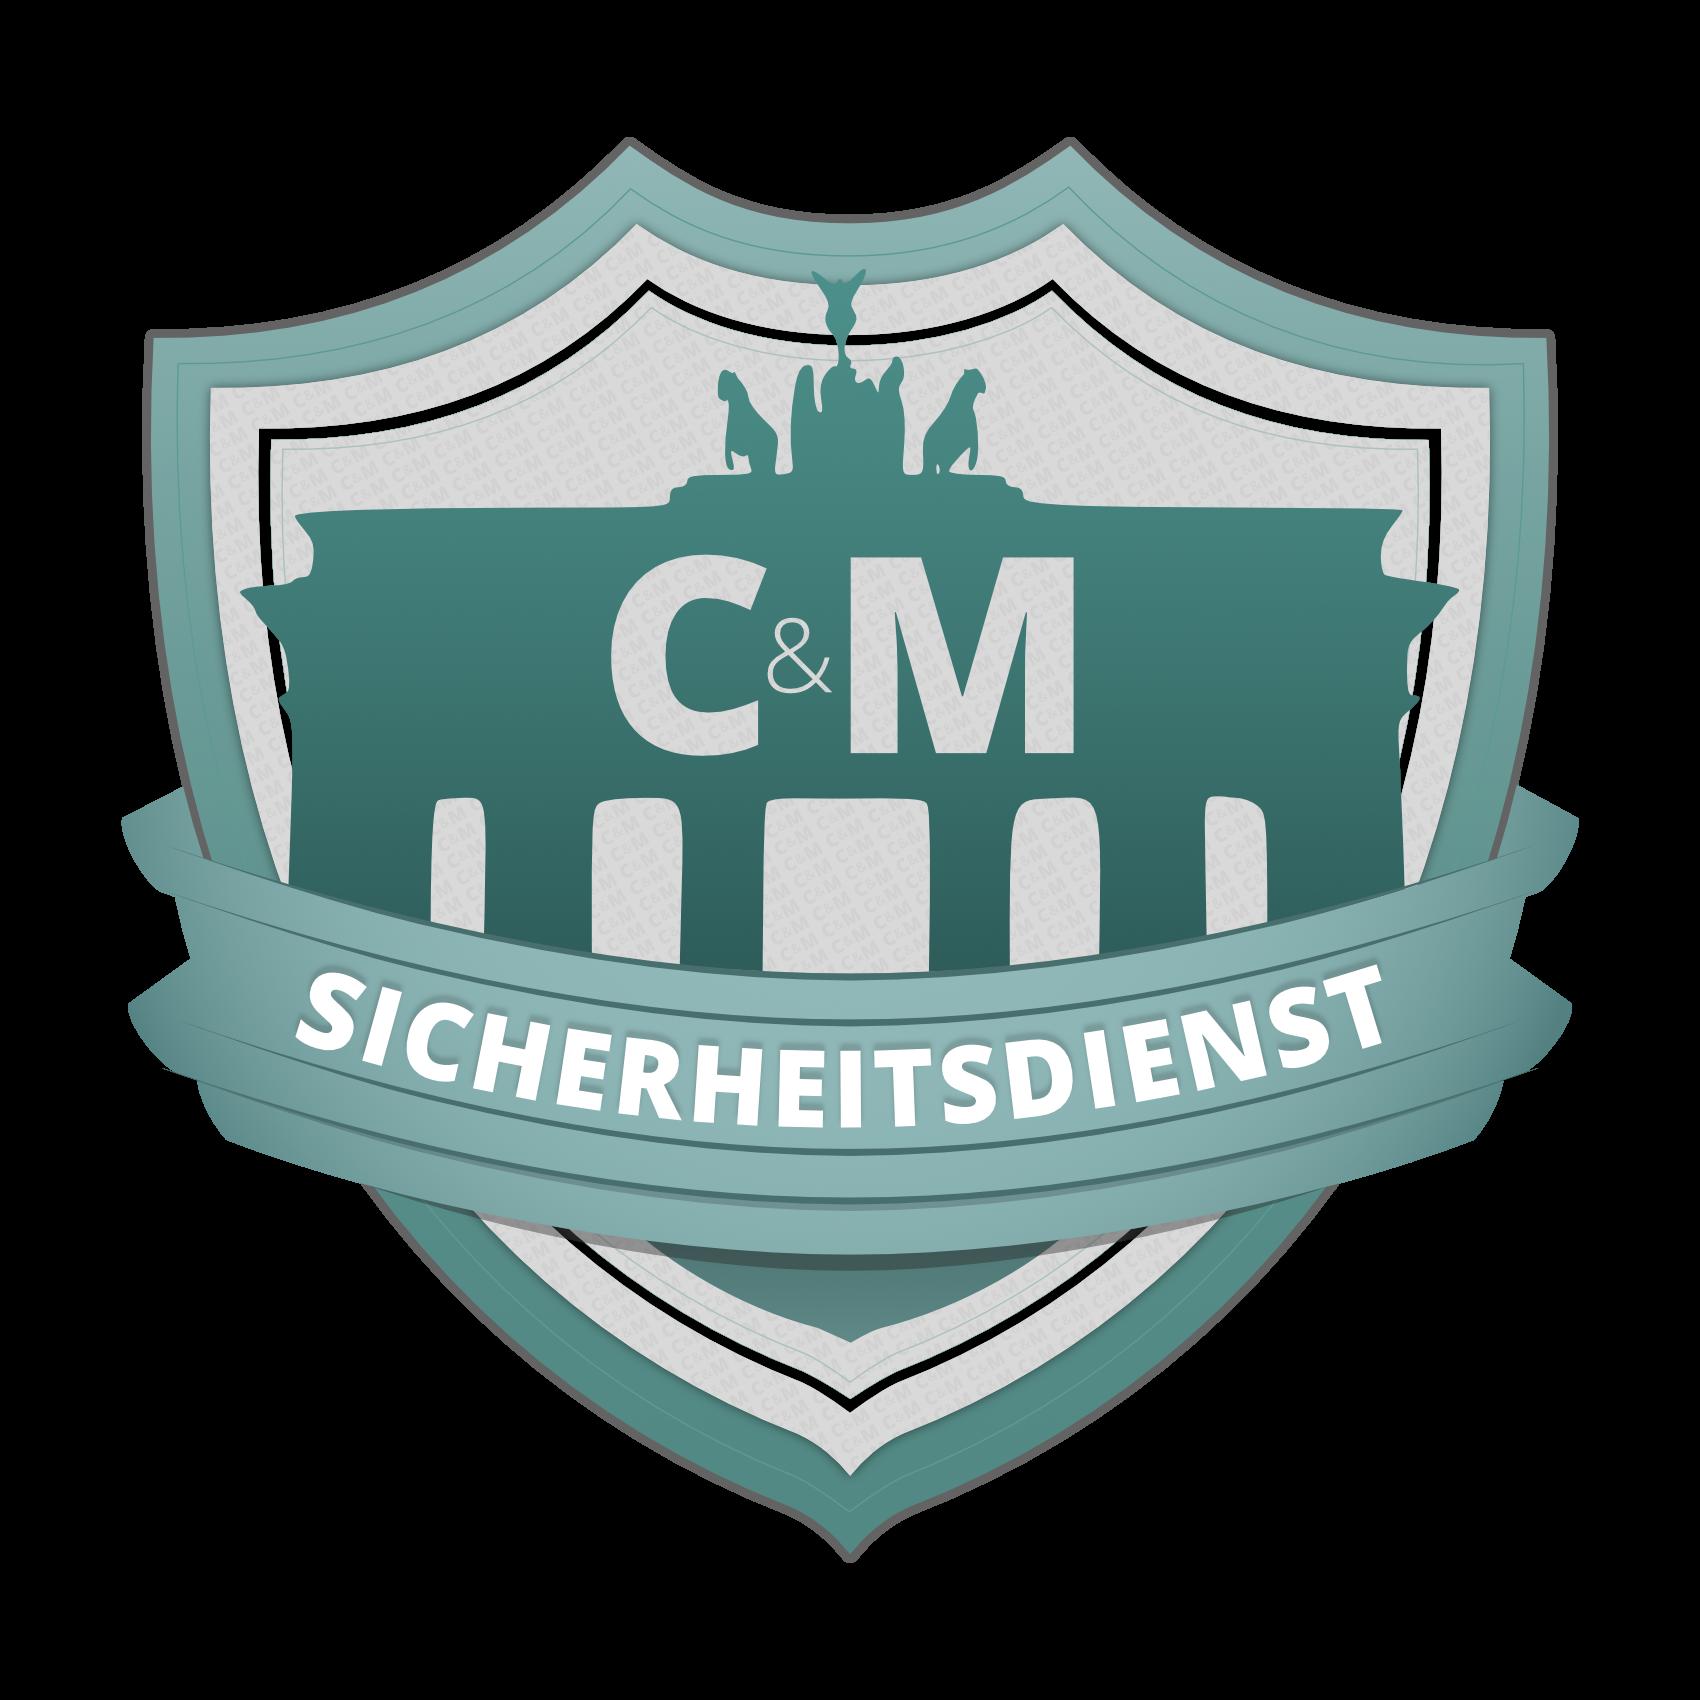 C&M Sicherheitsdienst Logo